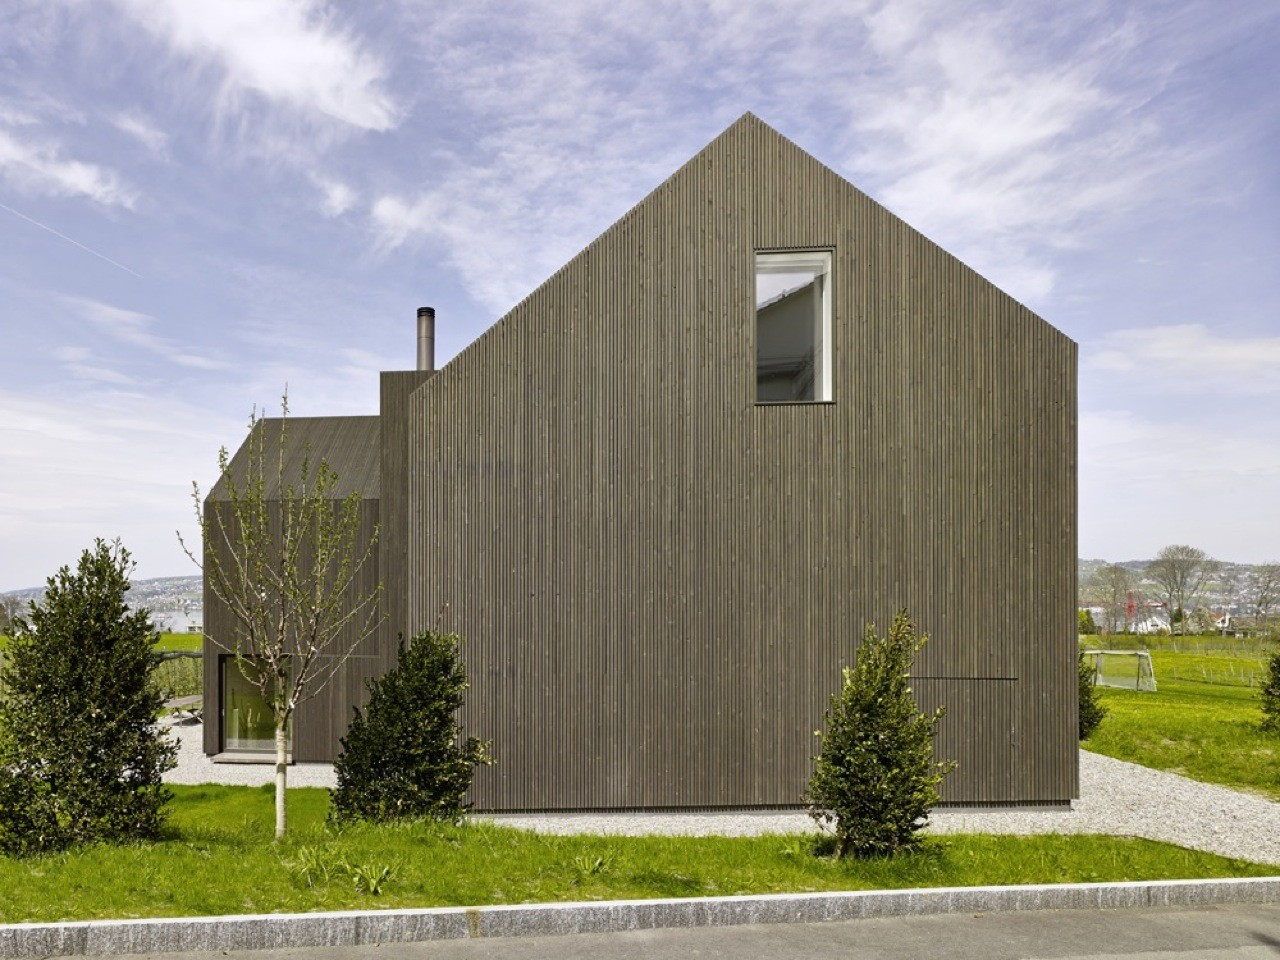 gallery of gottshalden rossetti wyss architekten 5. Black Bedroom Furniture Sets. Home Design Ideas